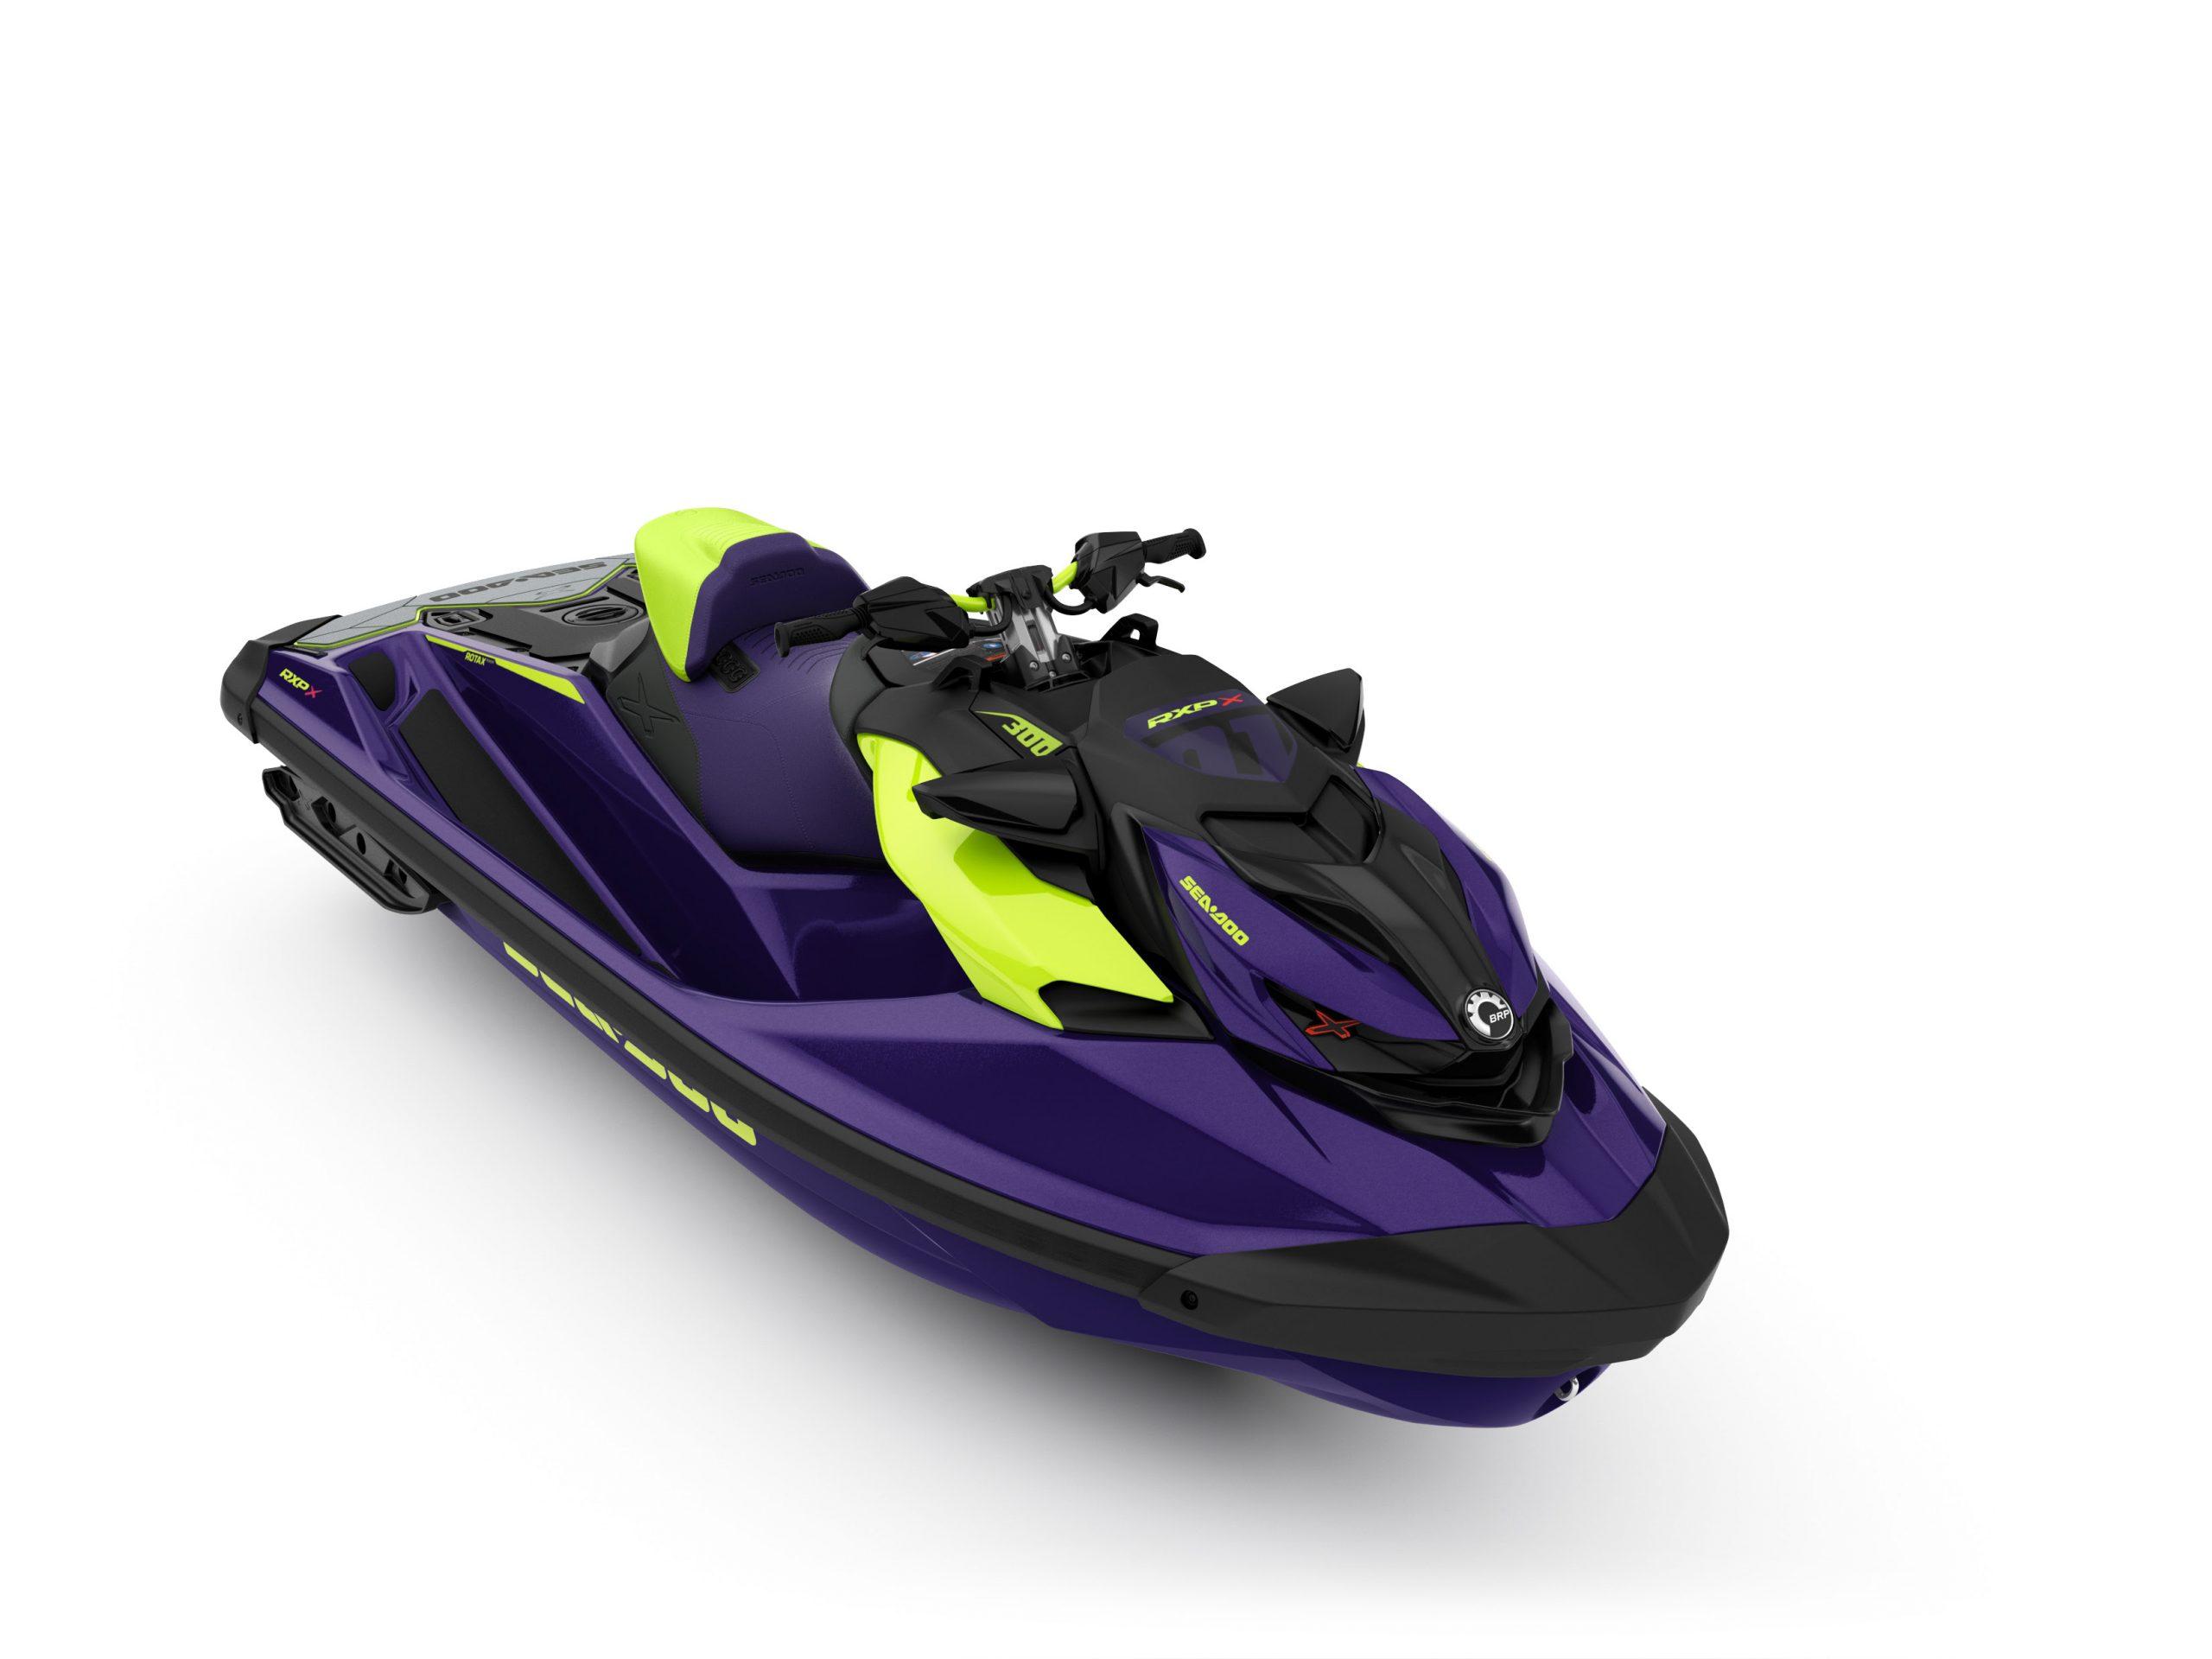 Sea-doo RXP-X 300 - boat shopping